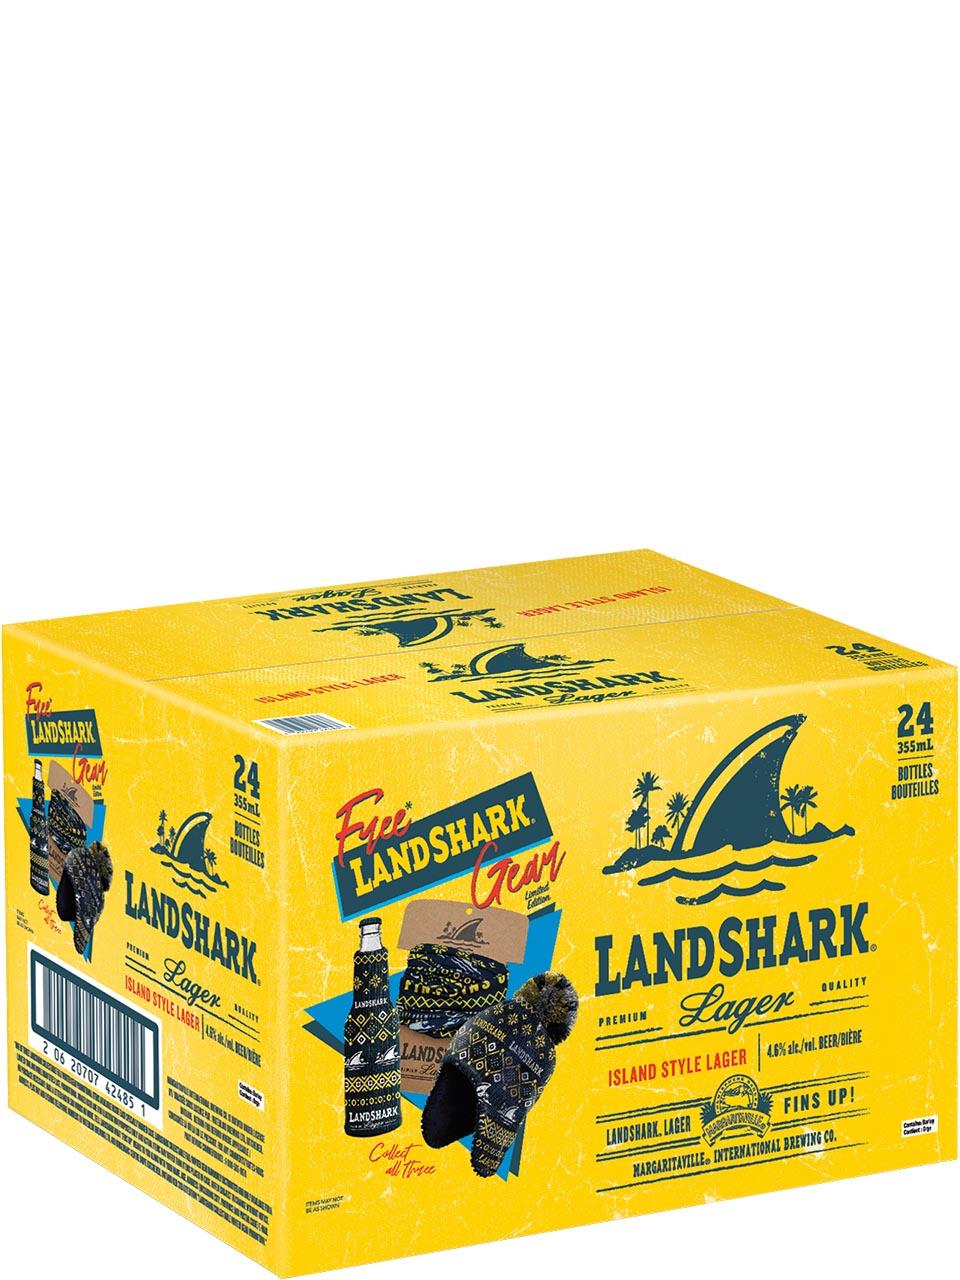 Landshark Premium Lager Promo Pack 24pk Bottles